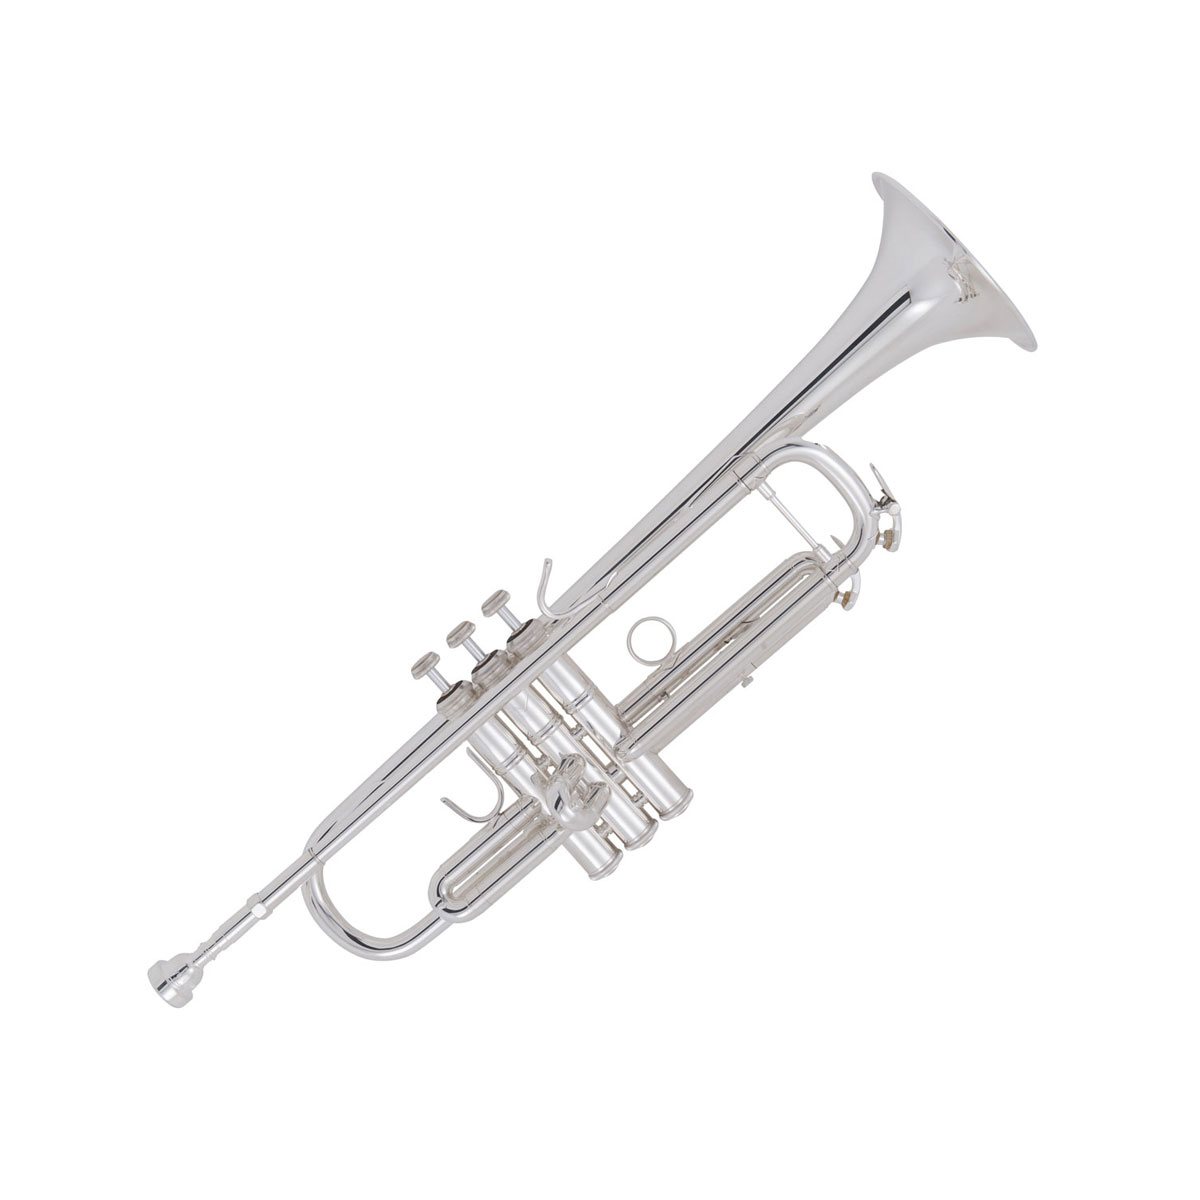 Bach / バックVincent ヴィンセント SP シルバーメッキ仕上げ トランペット B♭【5年保証】